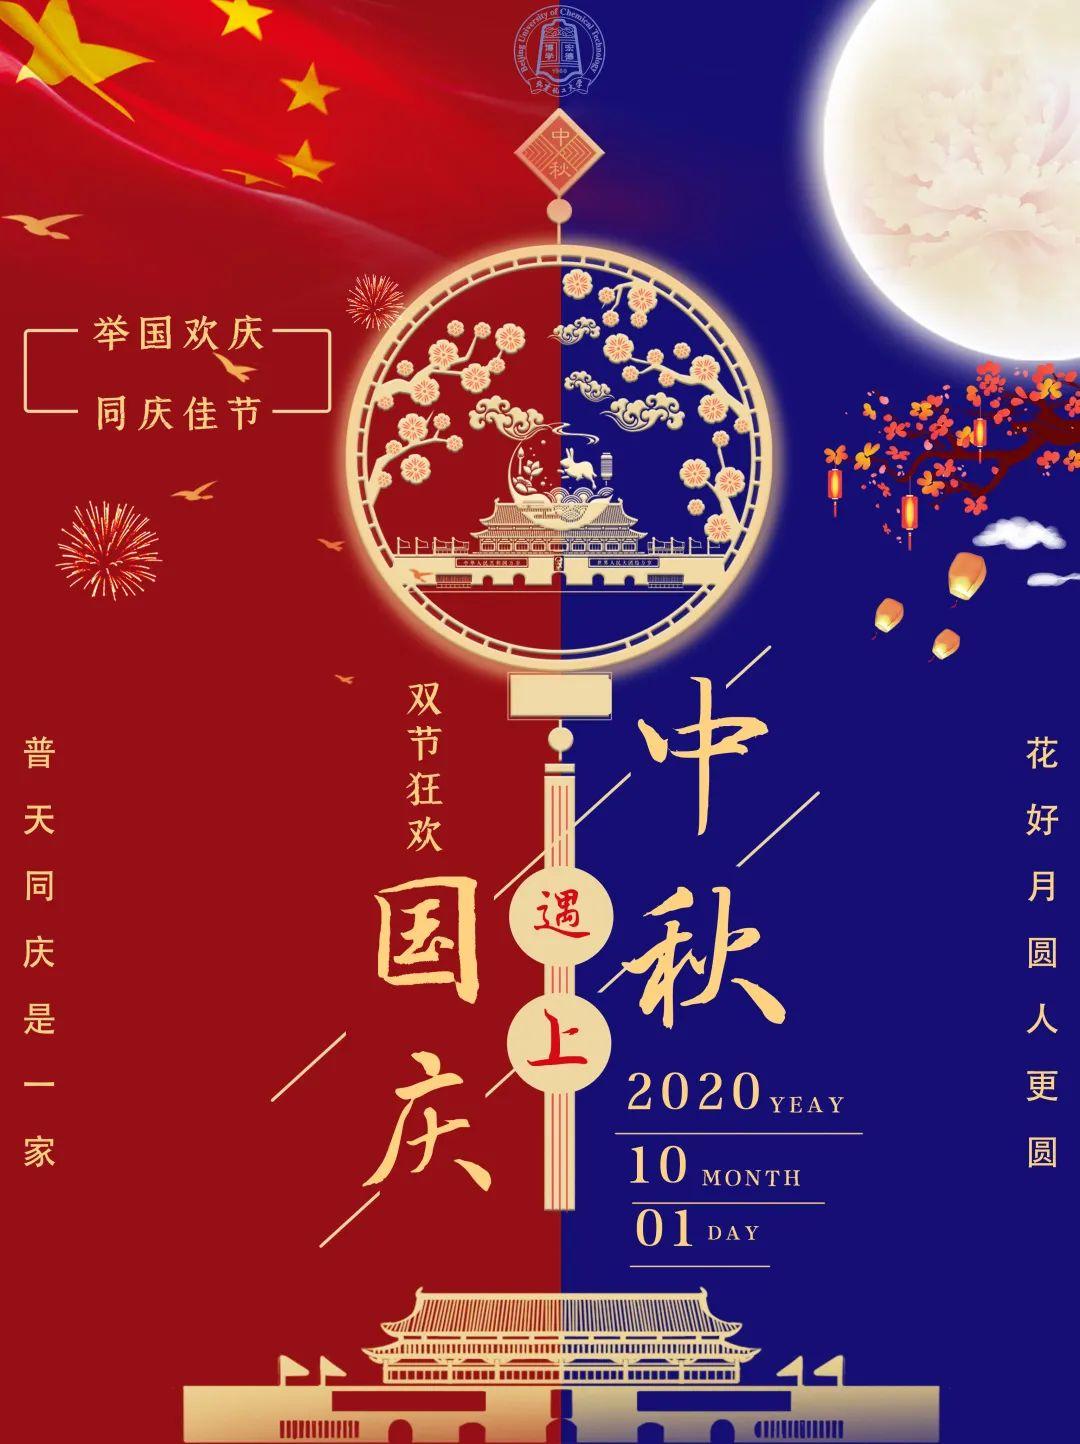 当中秋遇到国庆,爱如圆月,心怀家国图片